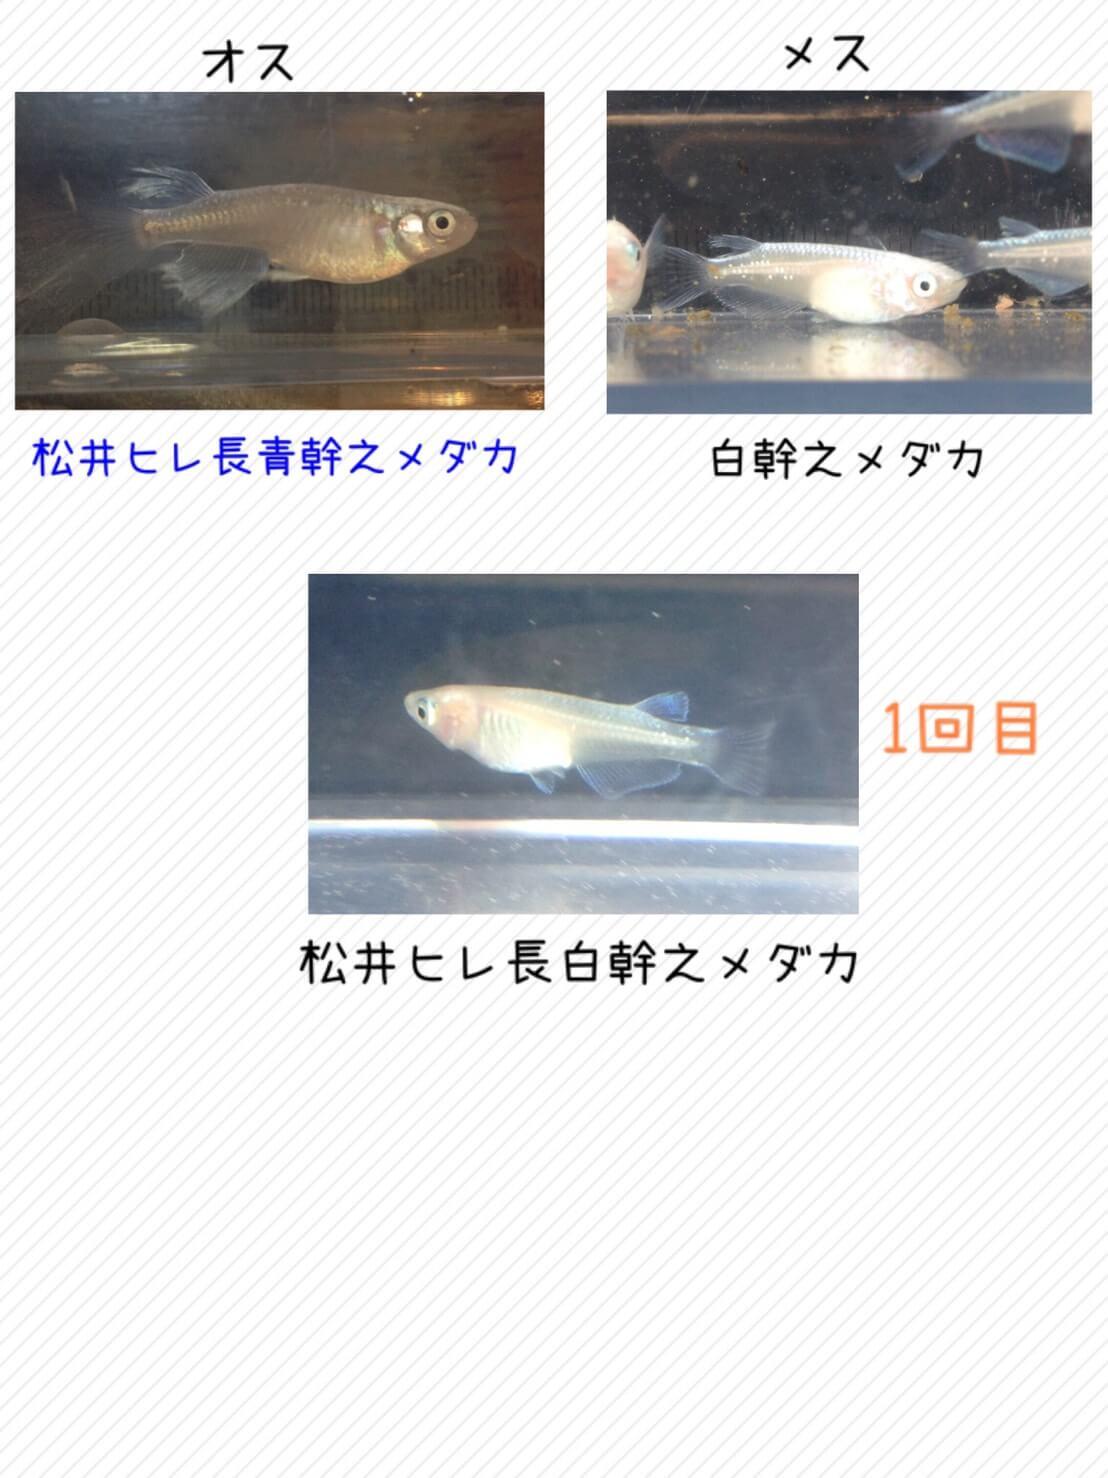 松井ヒレ長白幹之メダカの交配図